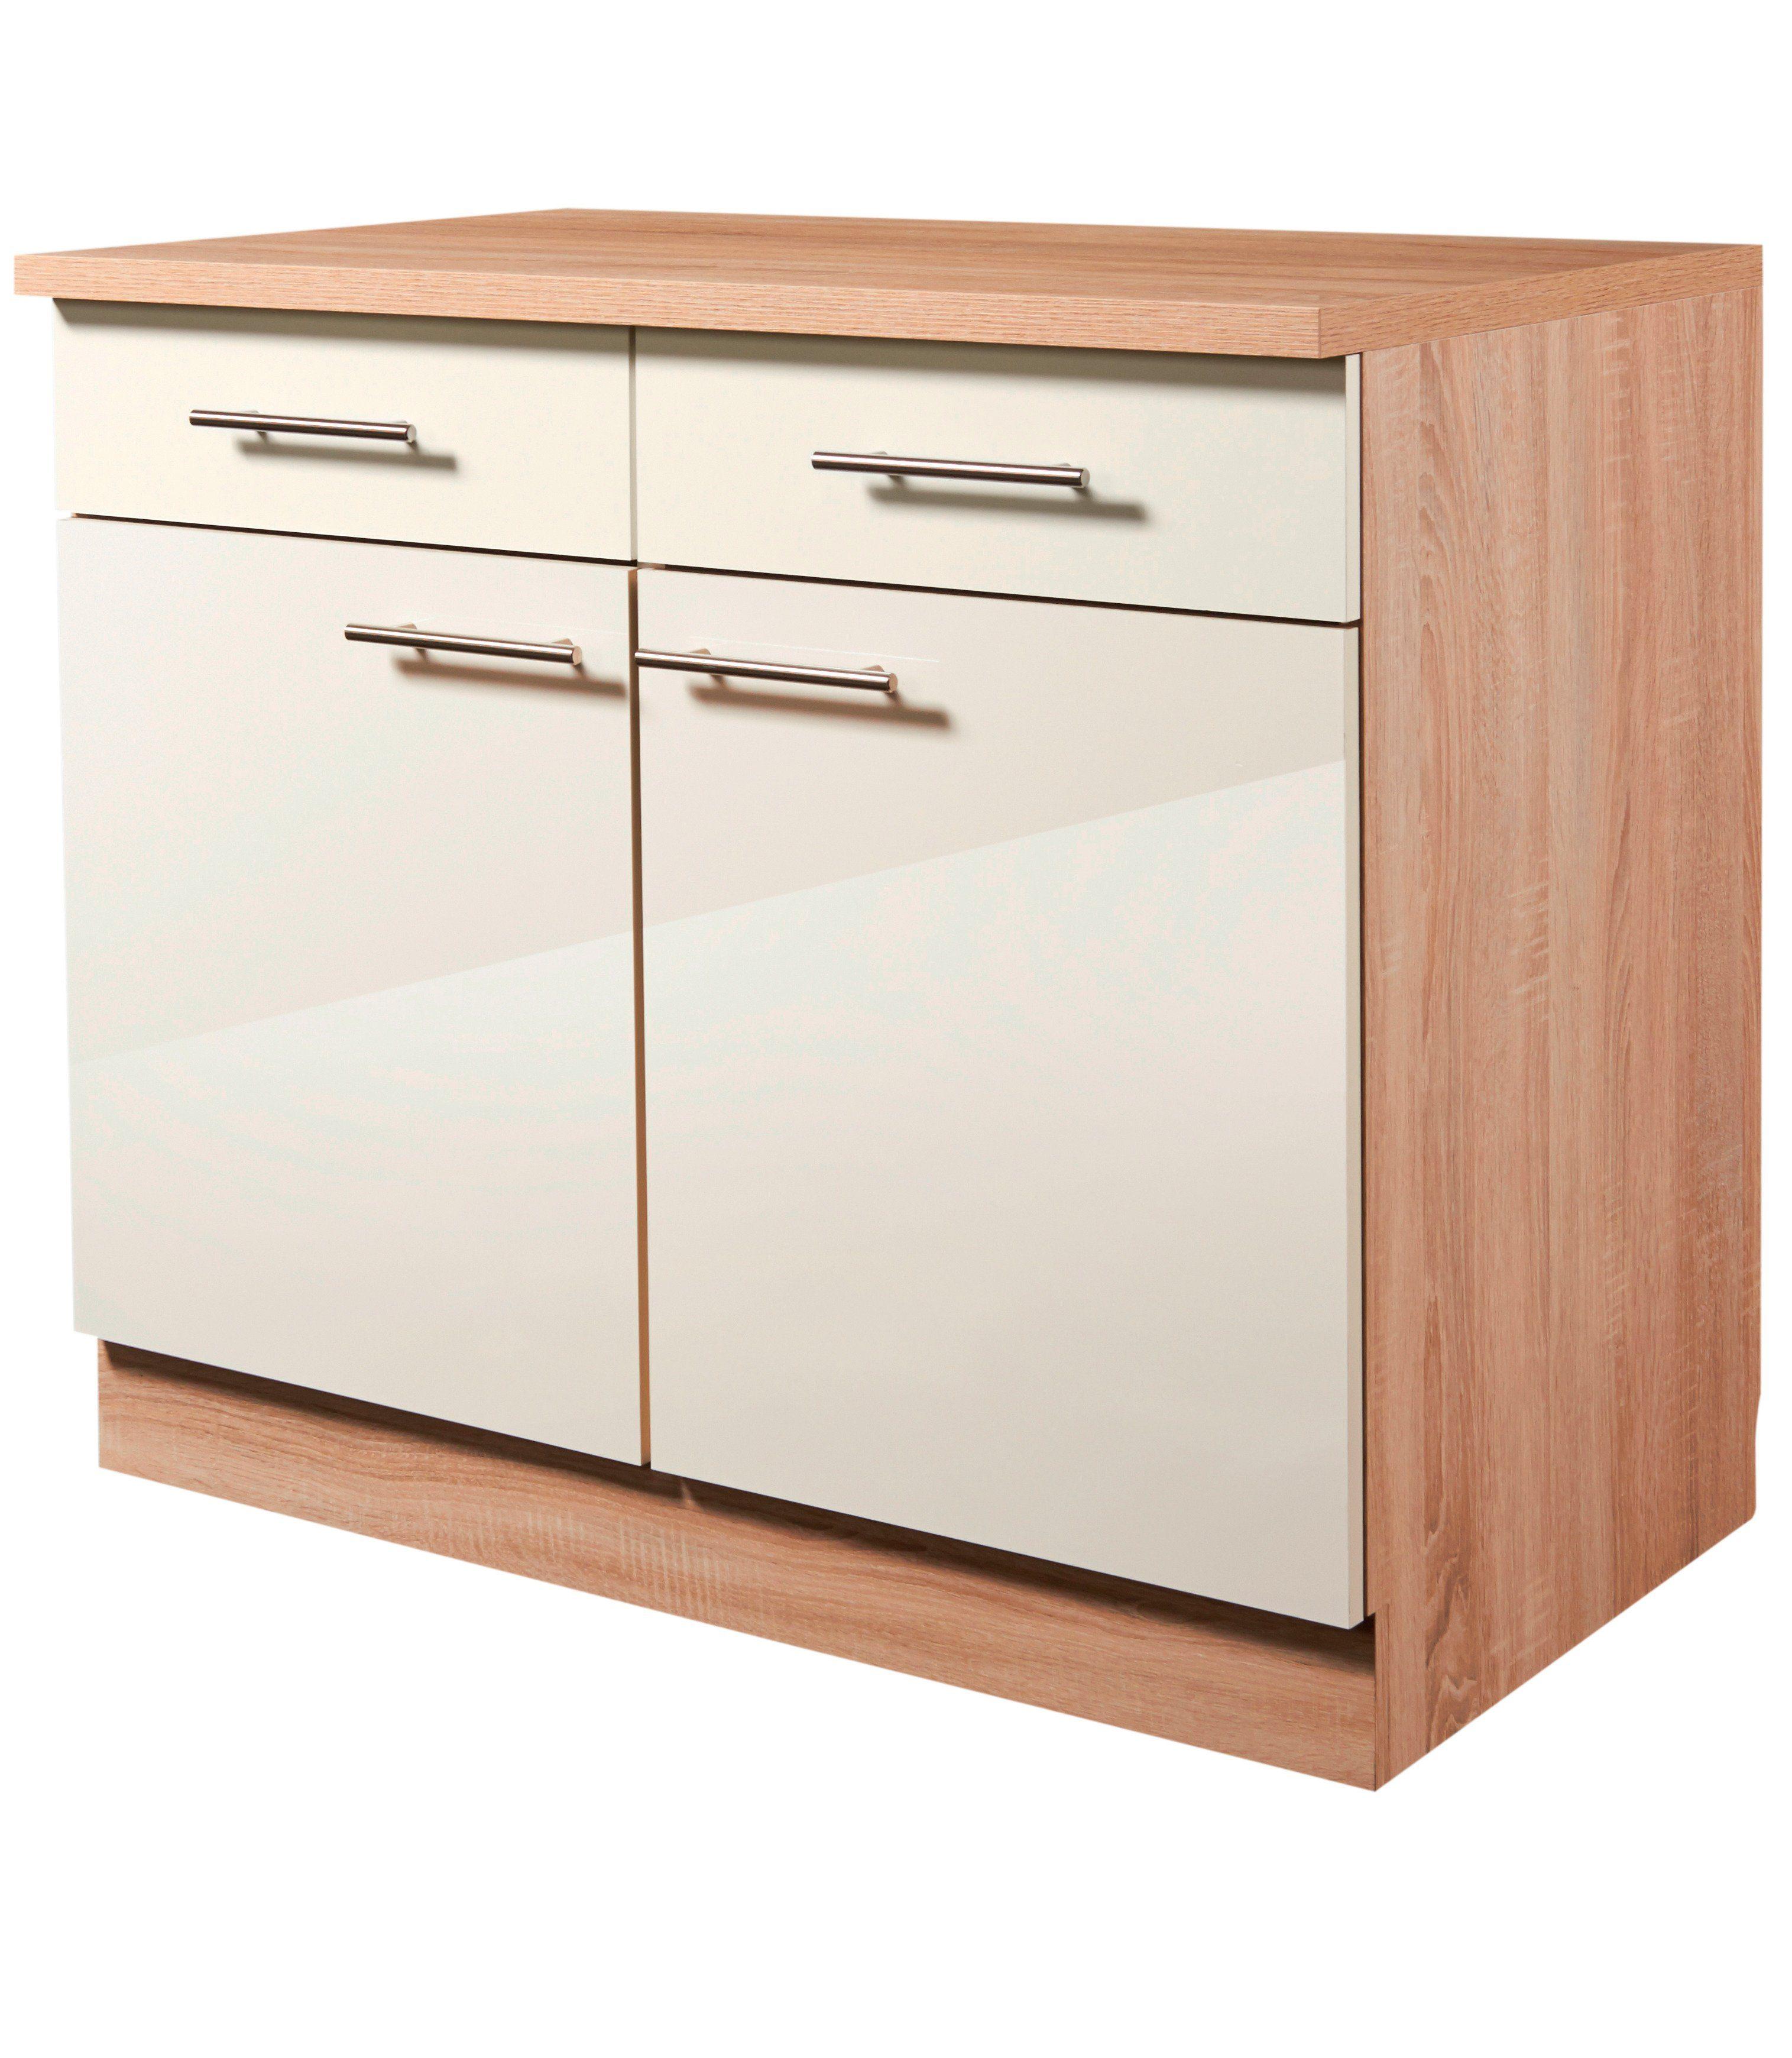 roller k chenunterschr nke home sweet home. Black Bedroom Furniture Sets. Home Design Ideas